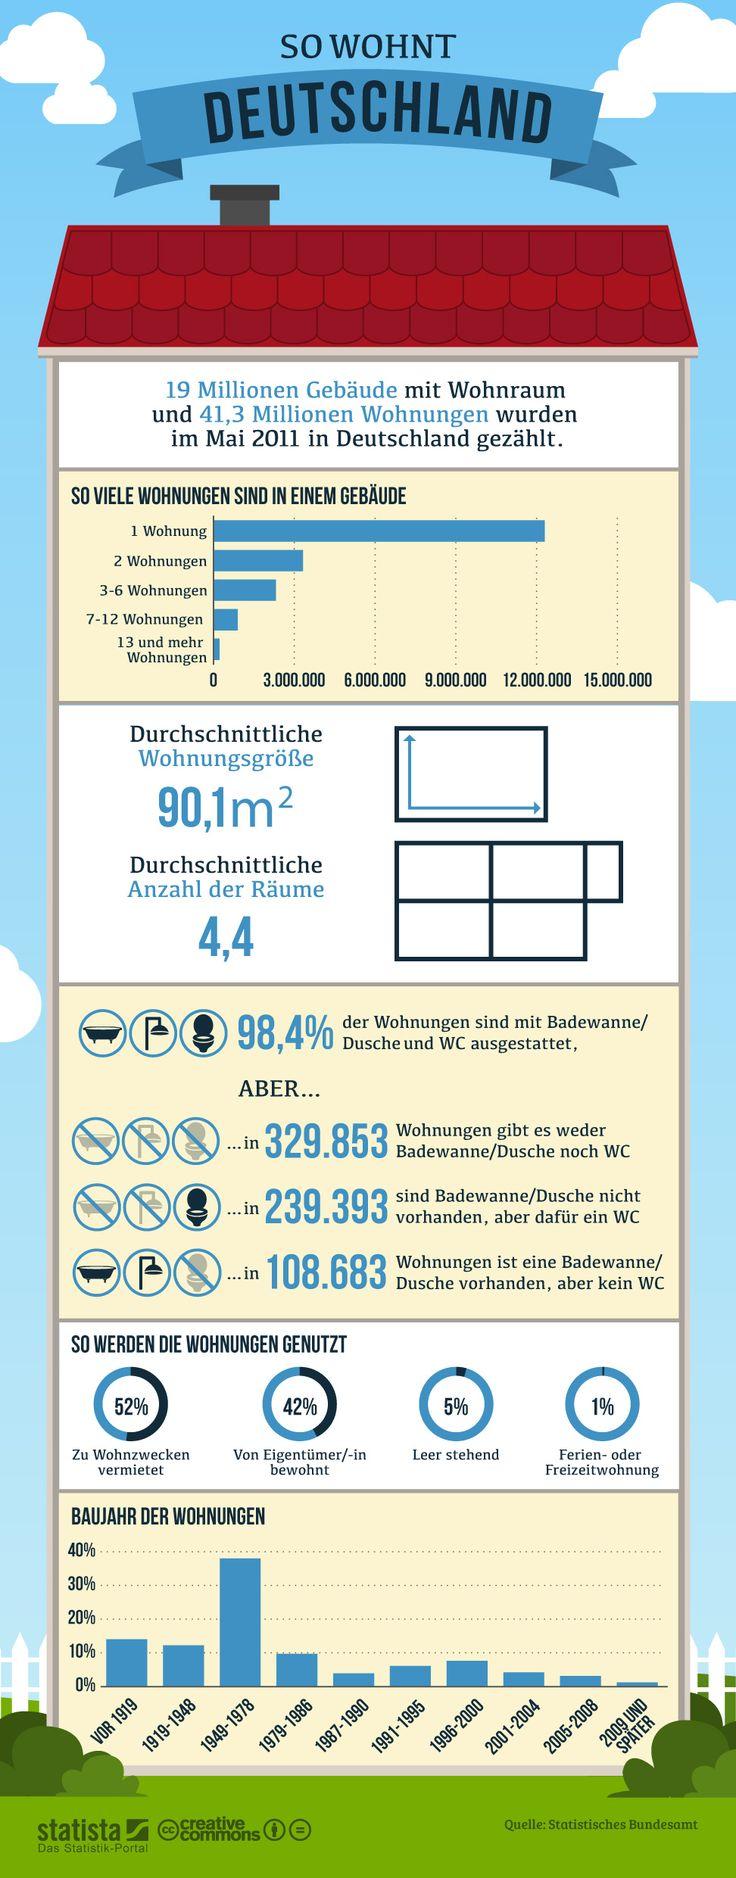 Infografik: So wohnt Deutschland Die Grafik bildet Daten und Fakten zum Wohnungsbestand in Deutschland ab. #statista #infografik